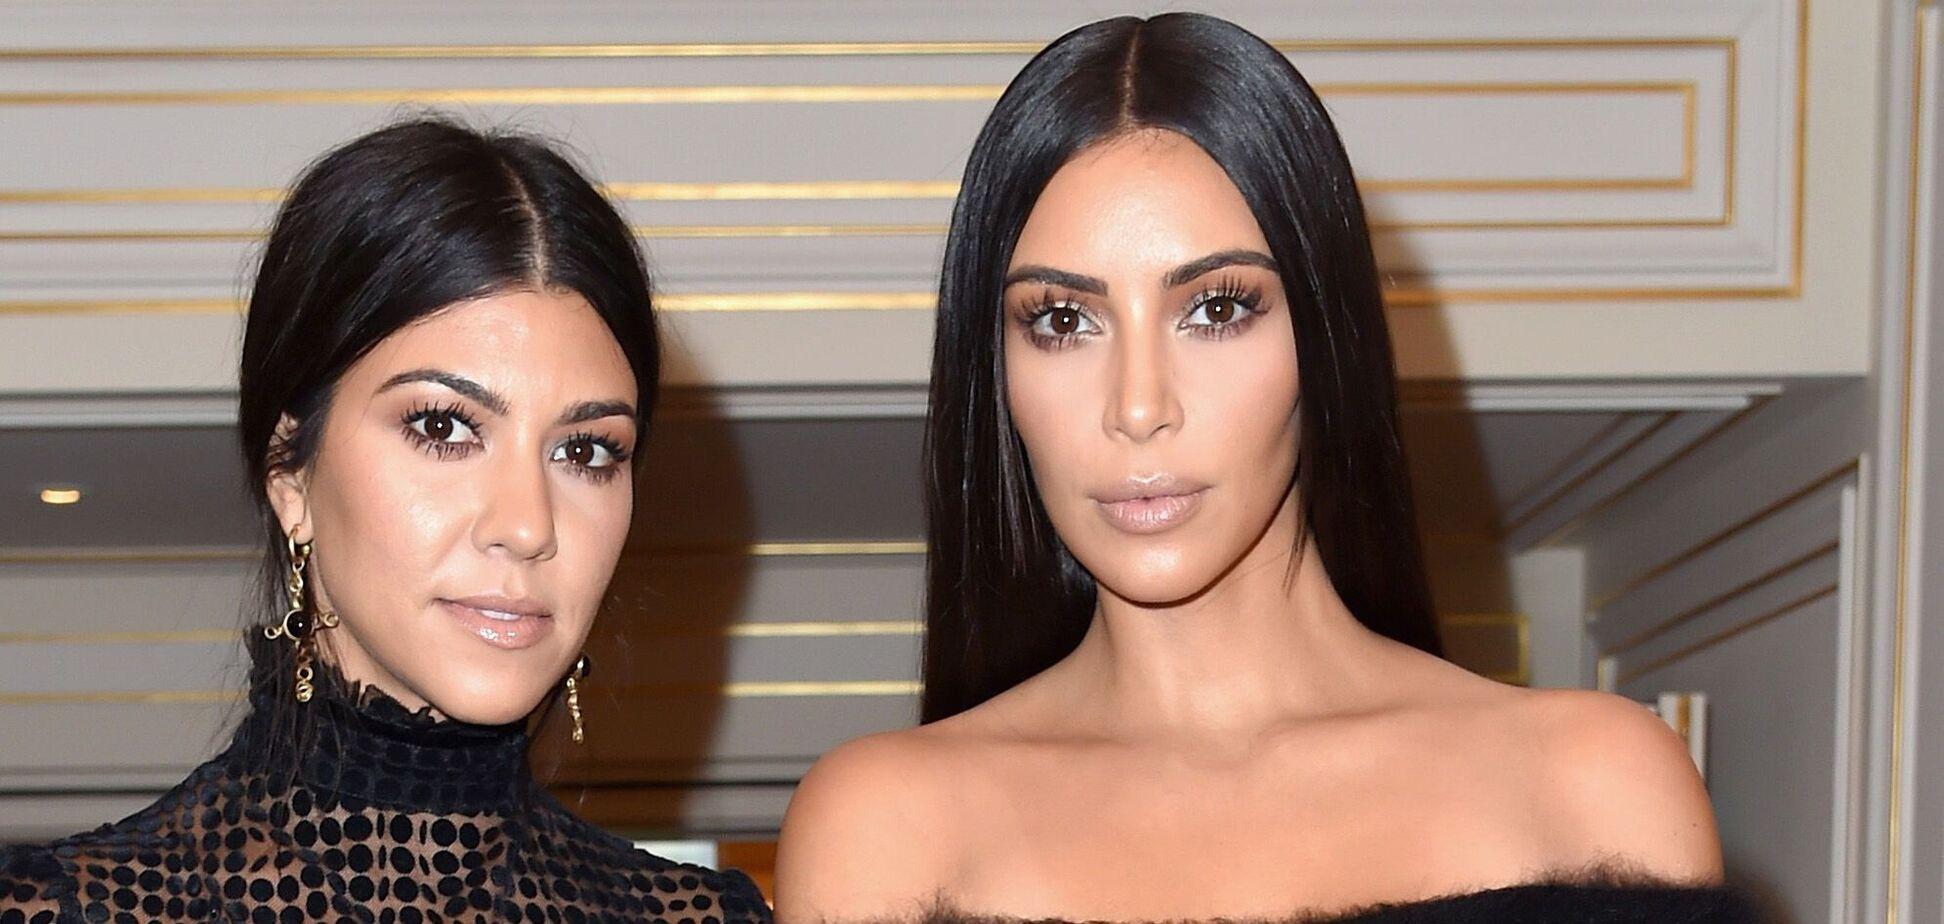 Ким Кардашьян показала, как выглядела с сестрой Кортни в подростковом возрасте